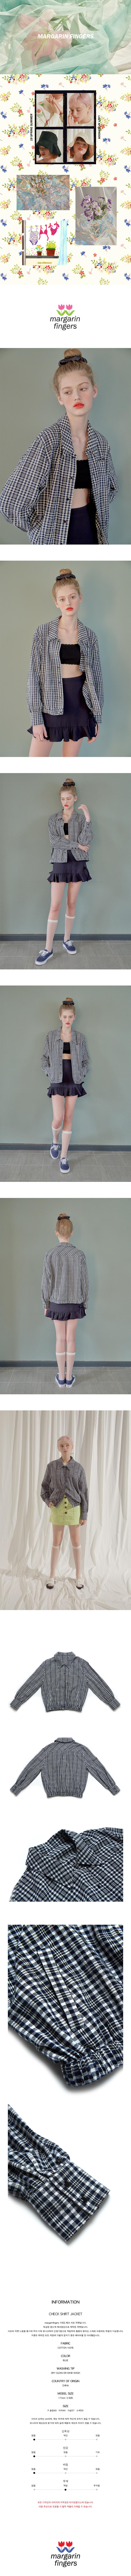 마가린핑거스(MARGARIN FINGERS) check shirt jacket